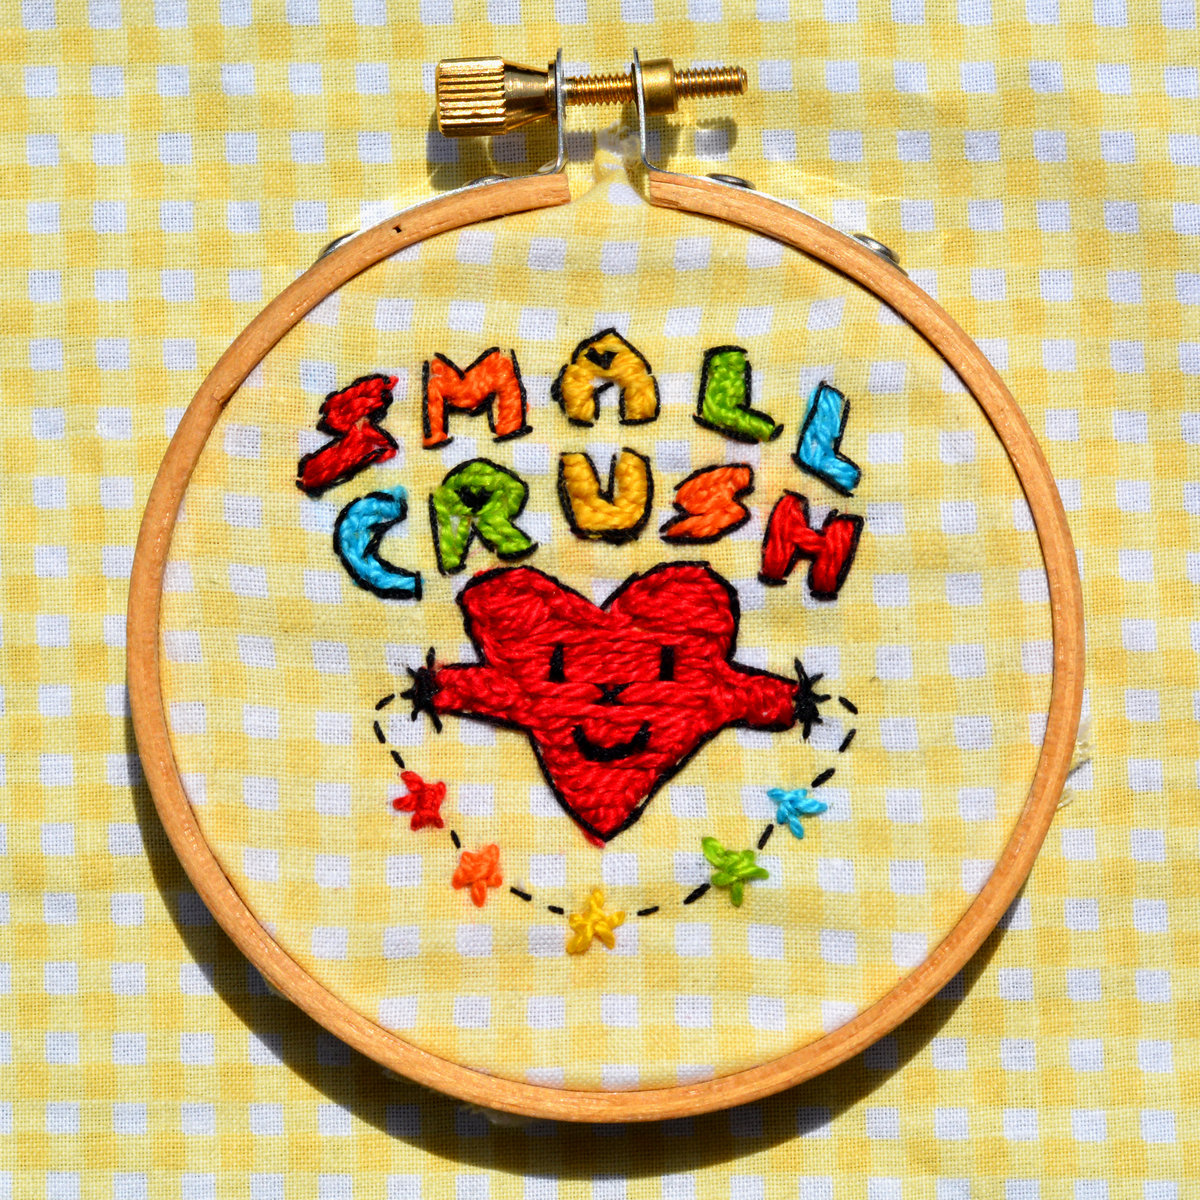 Small Crush - Small Crush LP